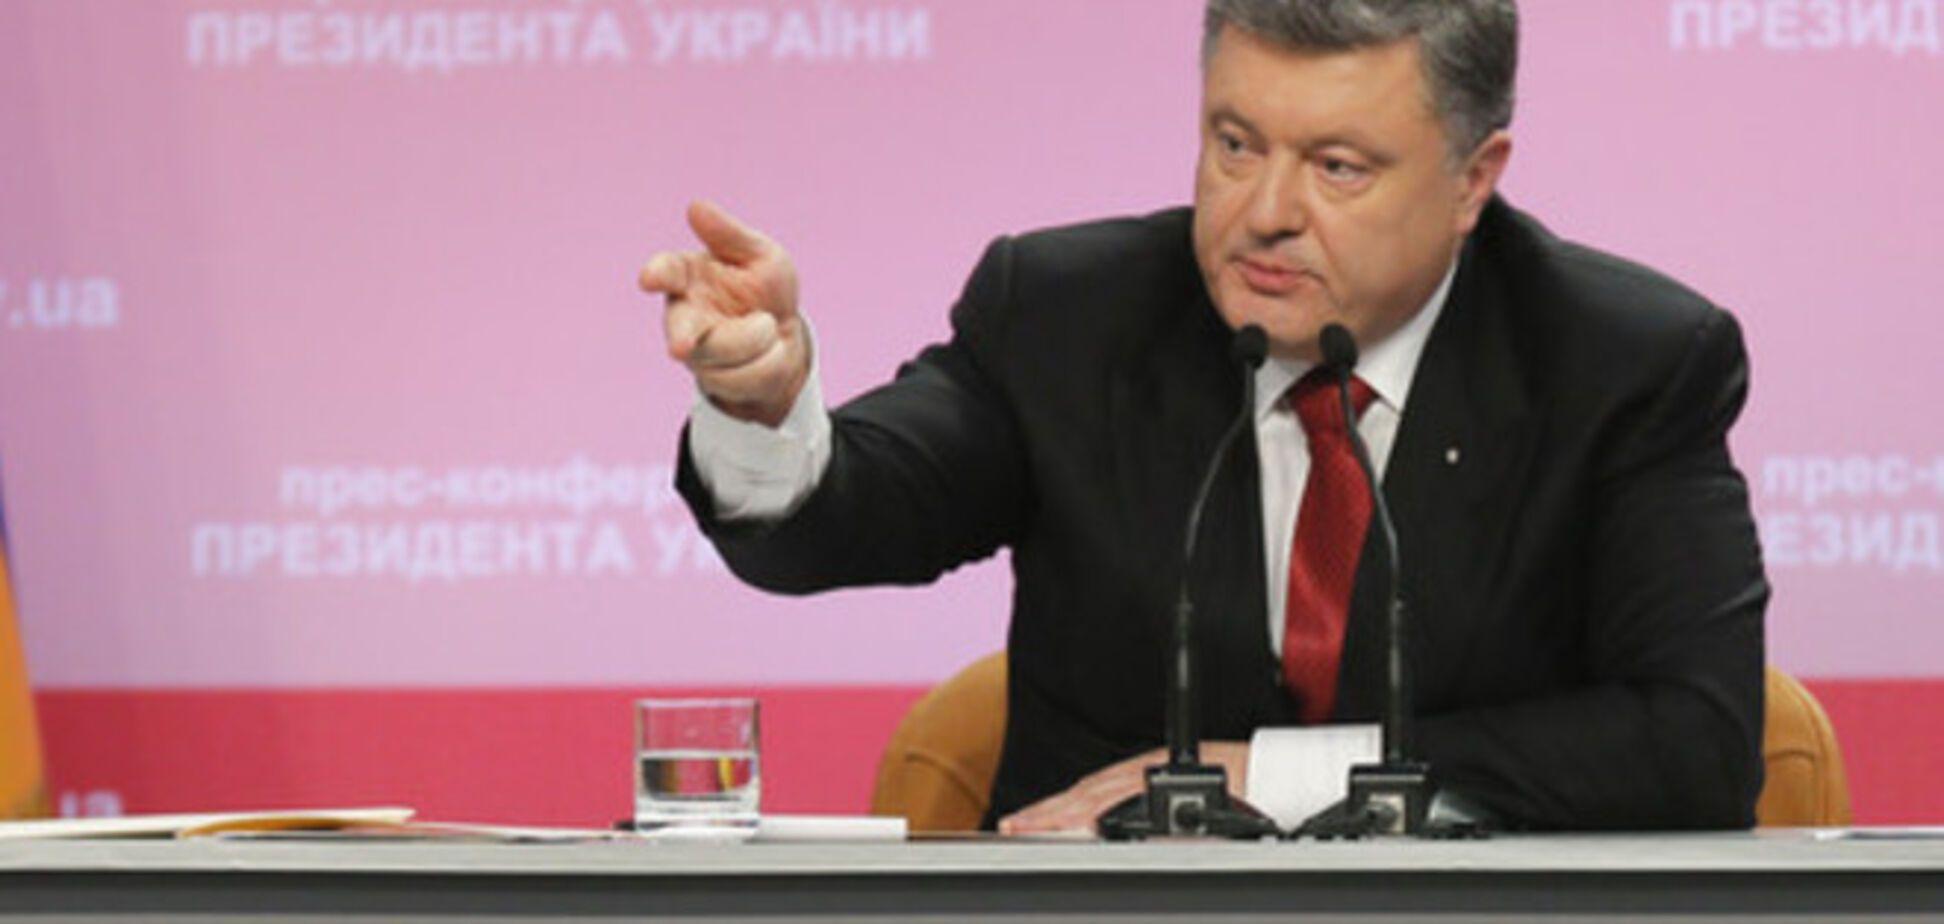 Пресс-конференция Порошенко: трезвый взгляд из-за океана